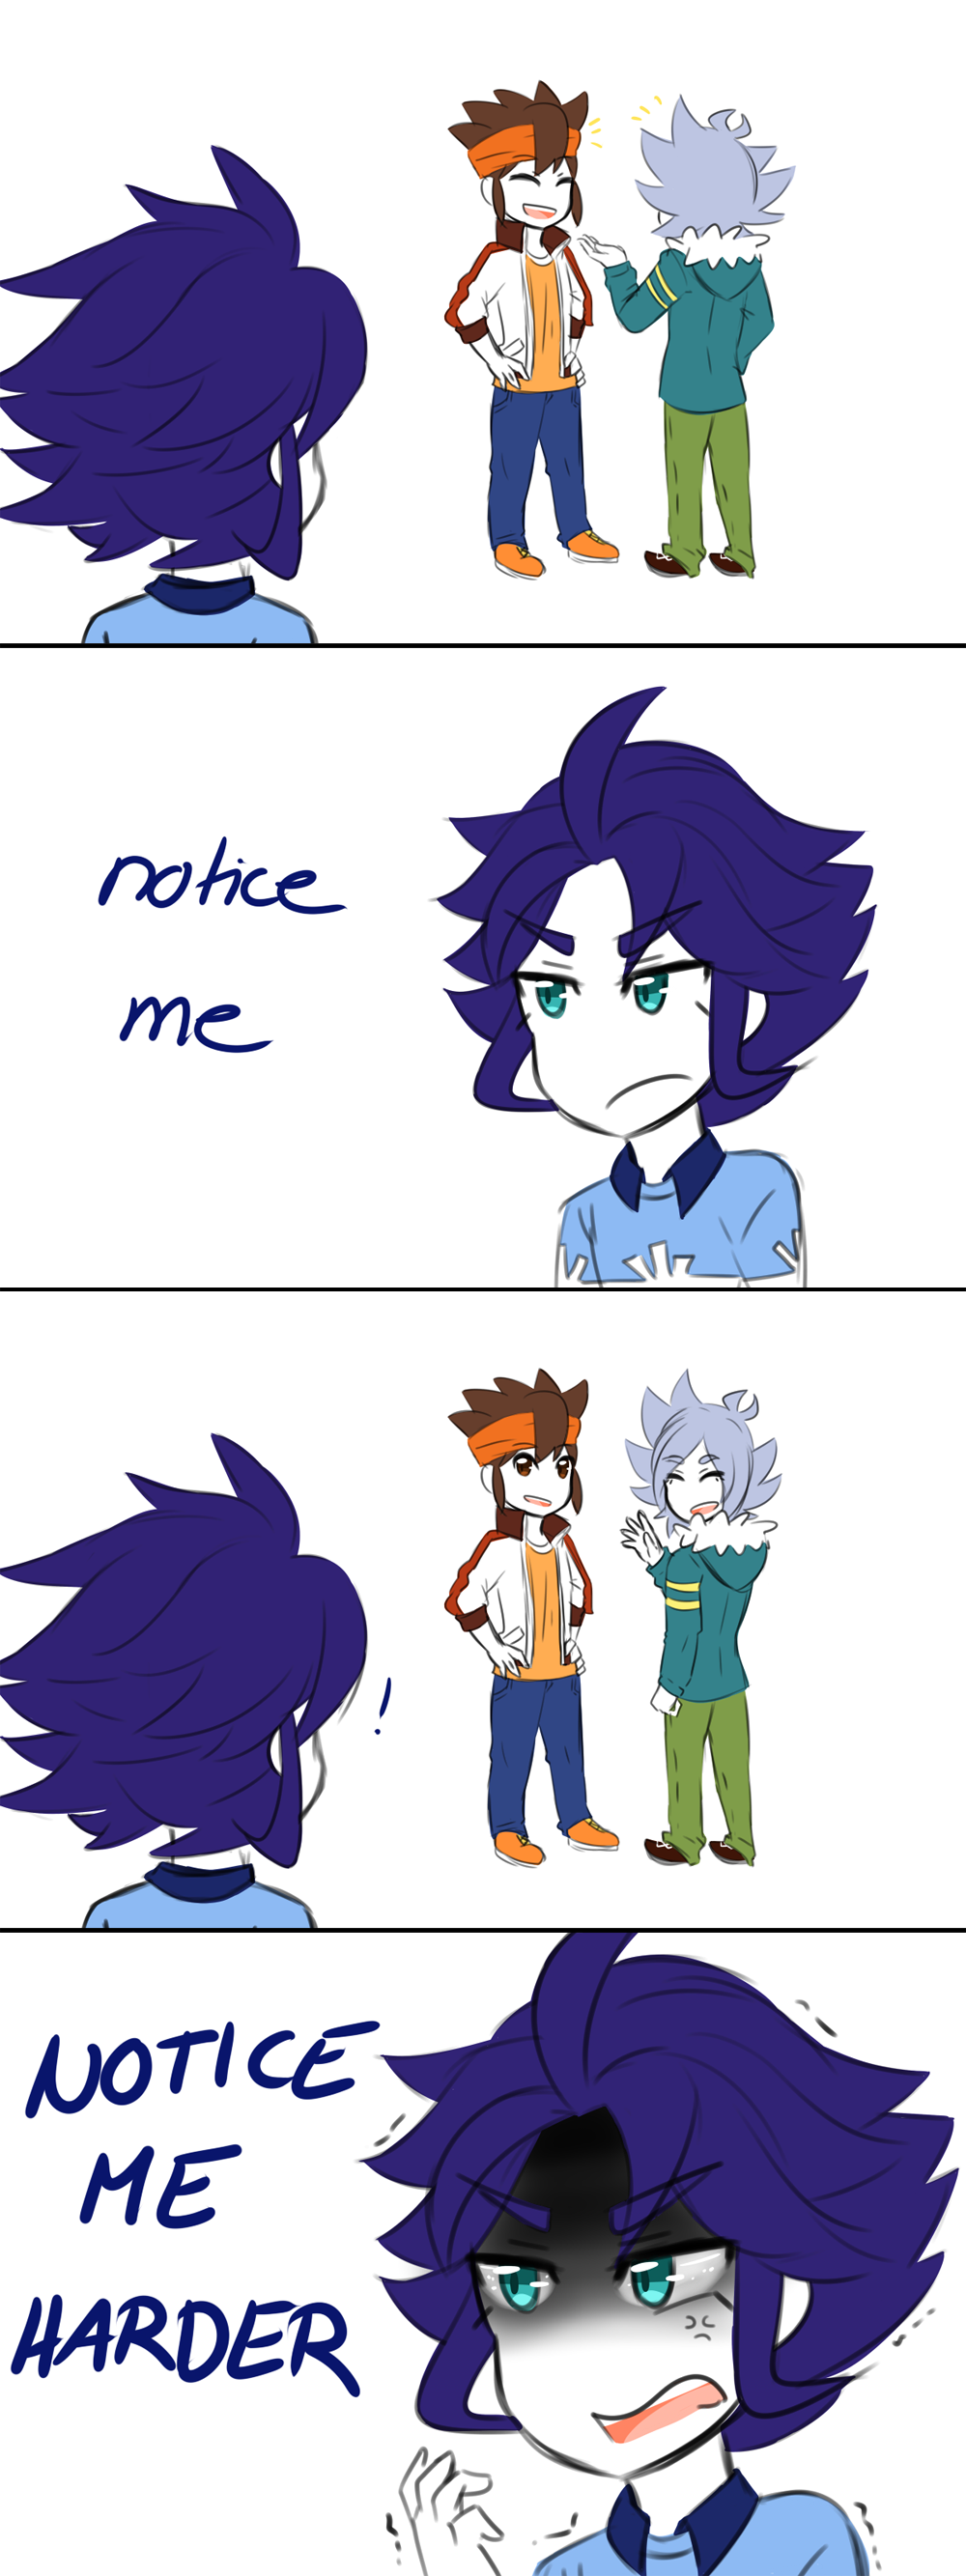 Notice Me by VIMYO